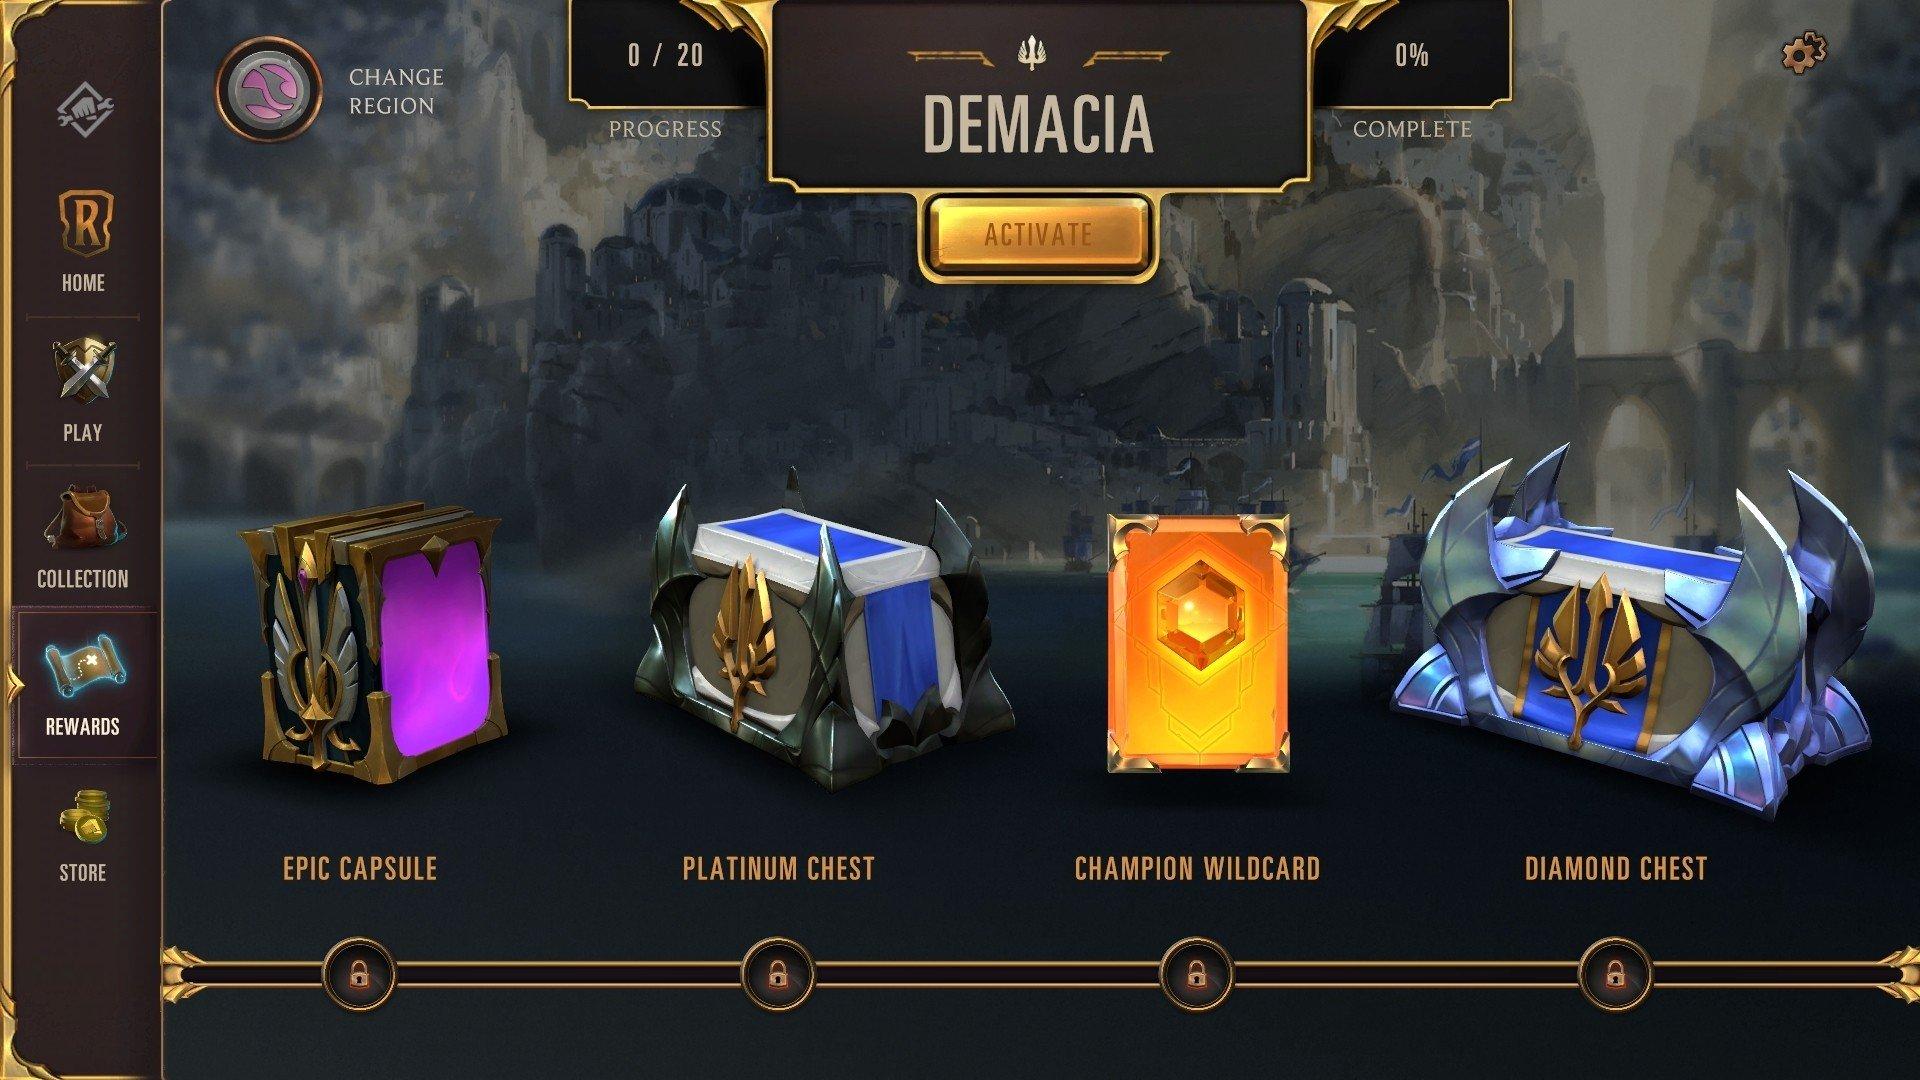 Legends of Runeterra chests